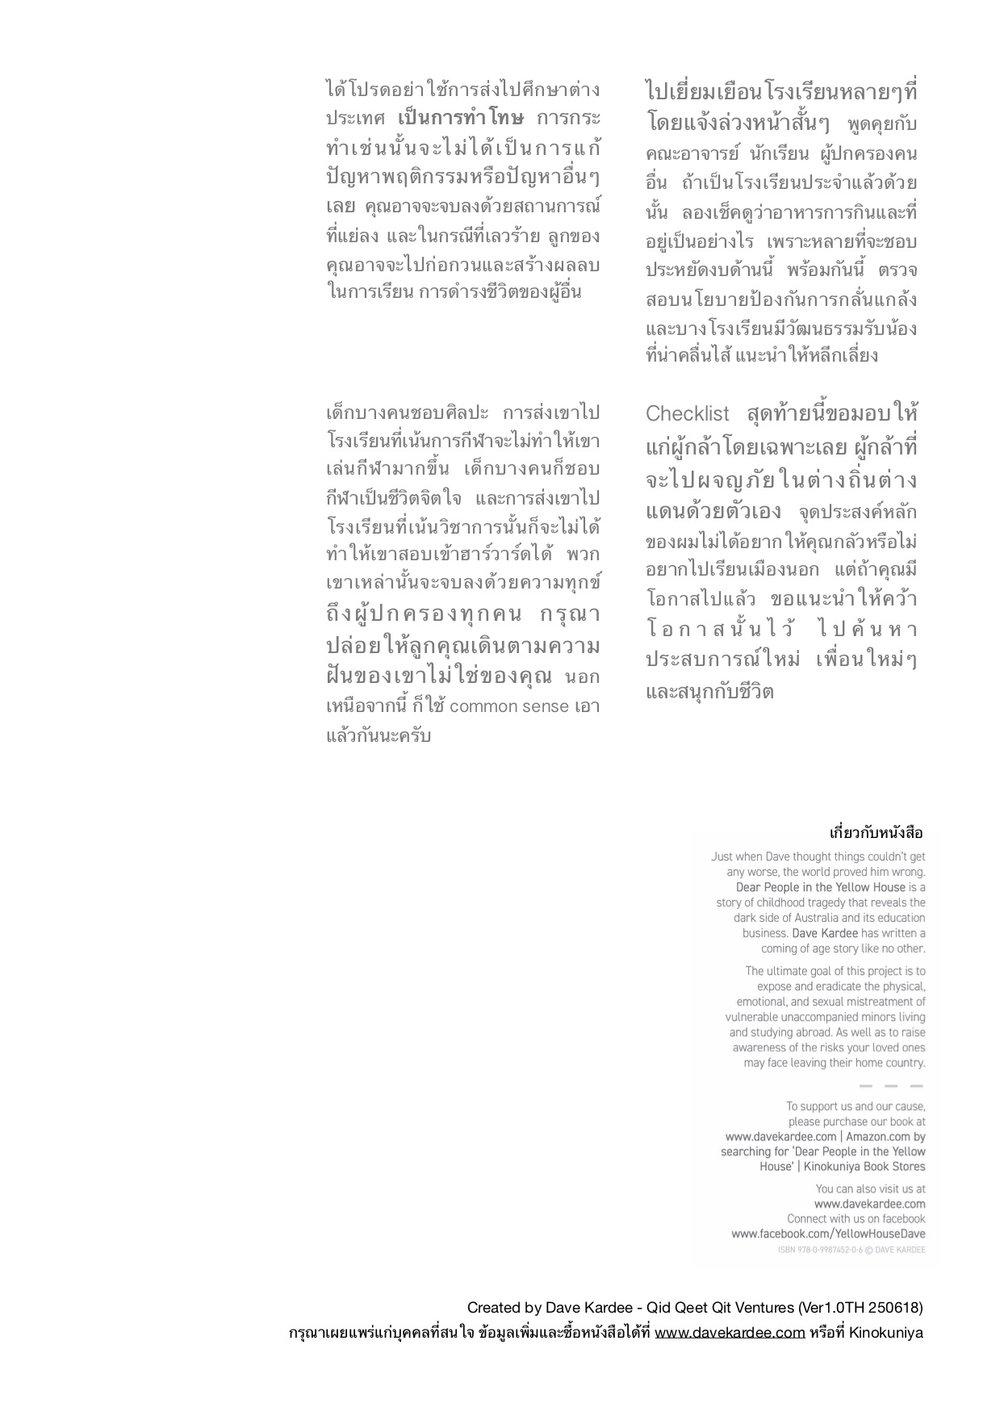 CHECKLIST 180618 Thai2.jpg